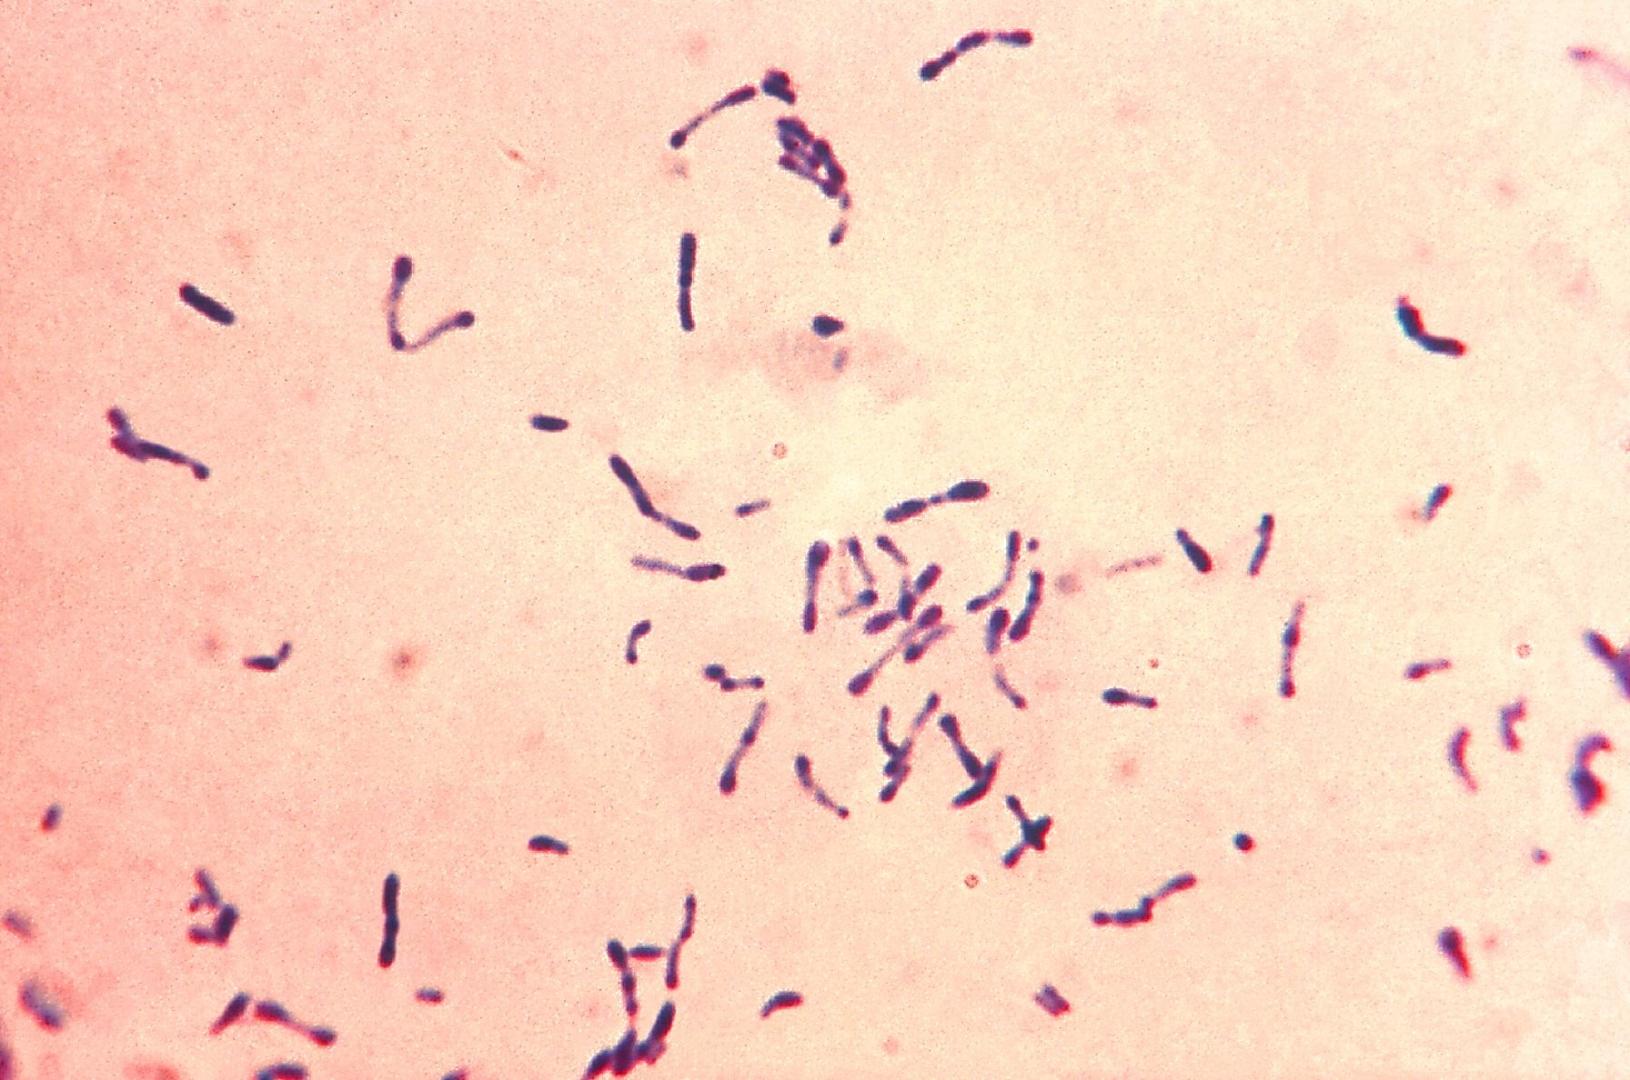 сведения дифтероиды микробиология фото пишет новые песни